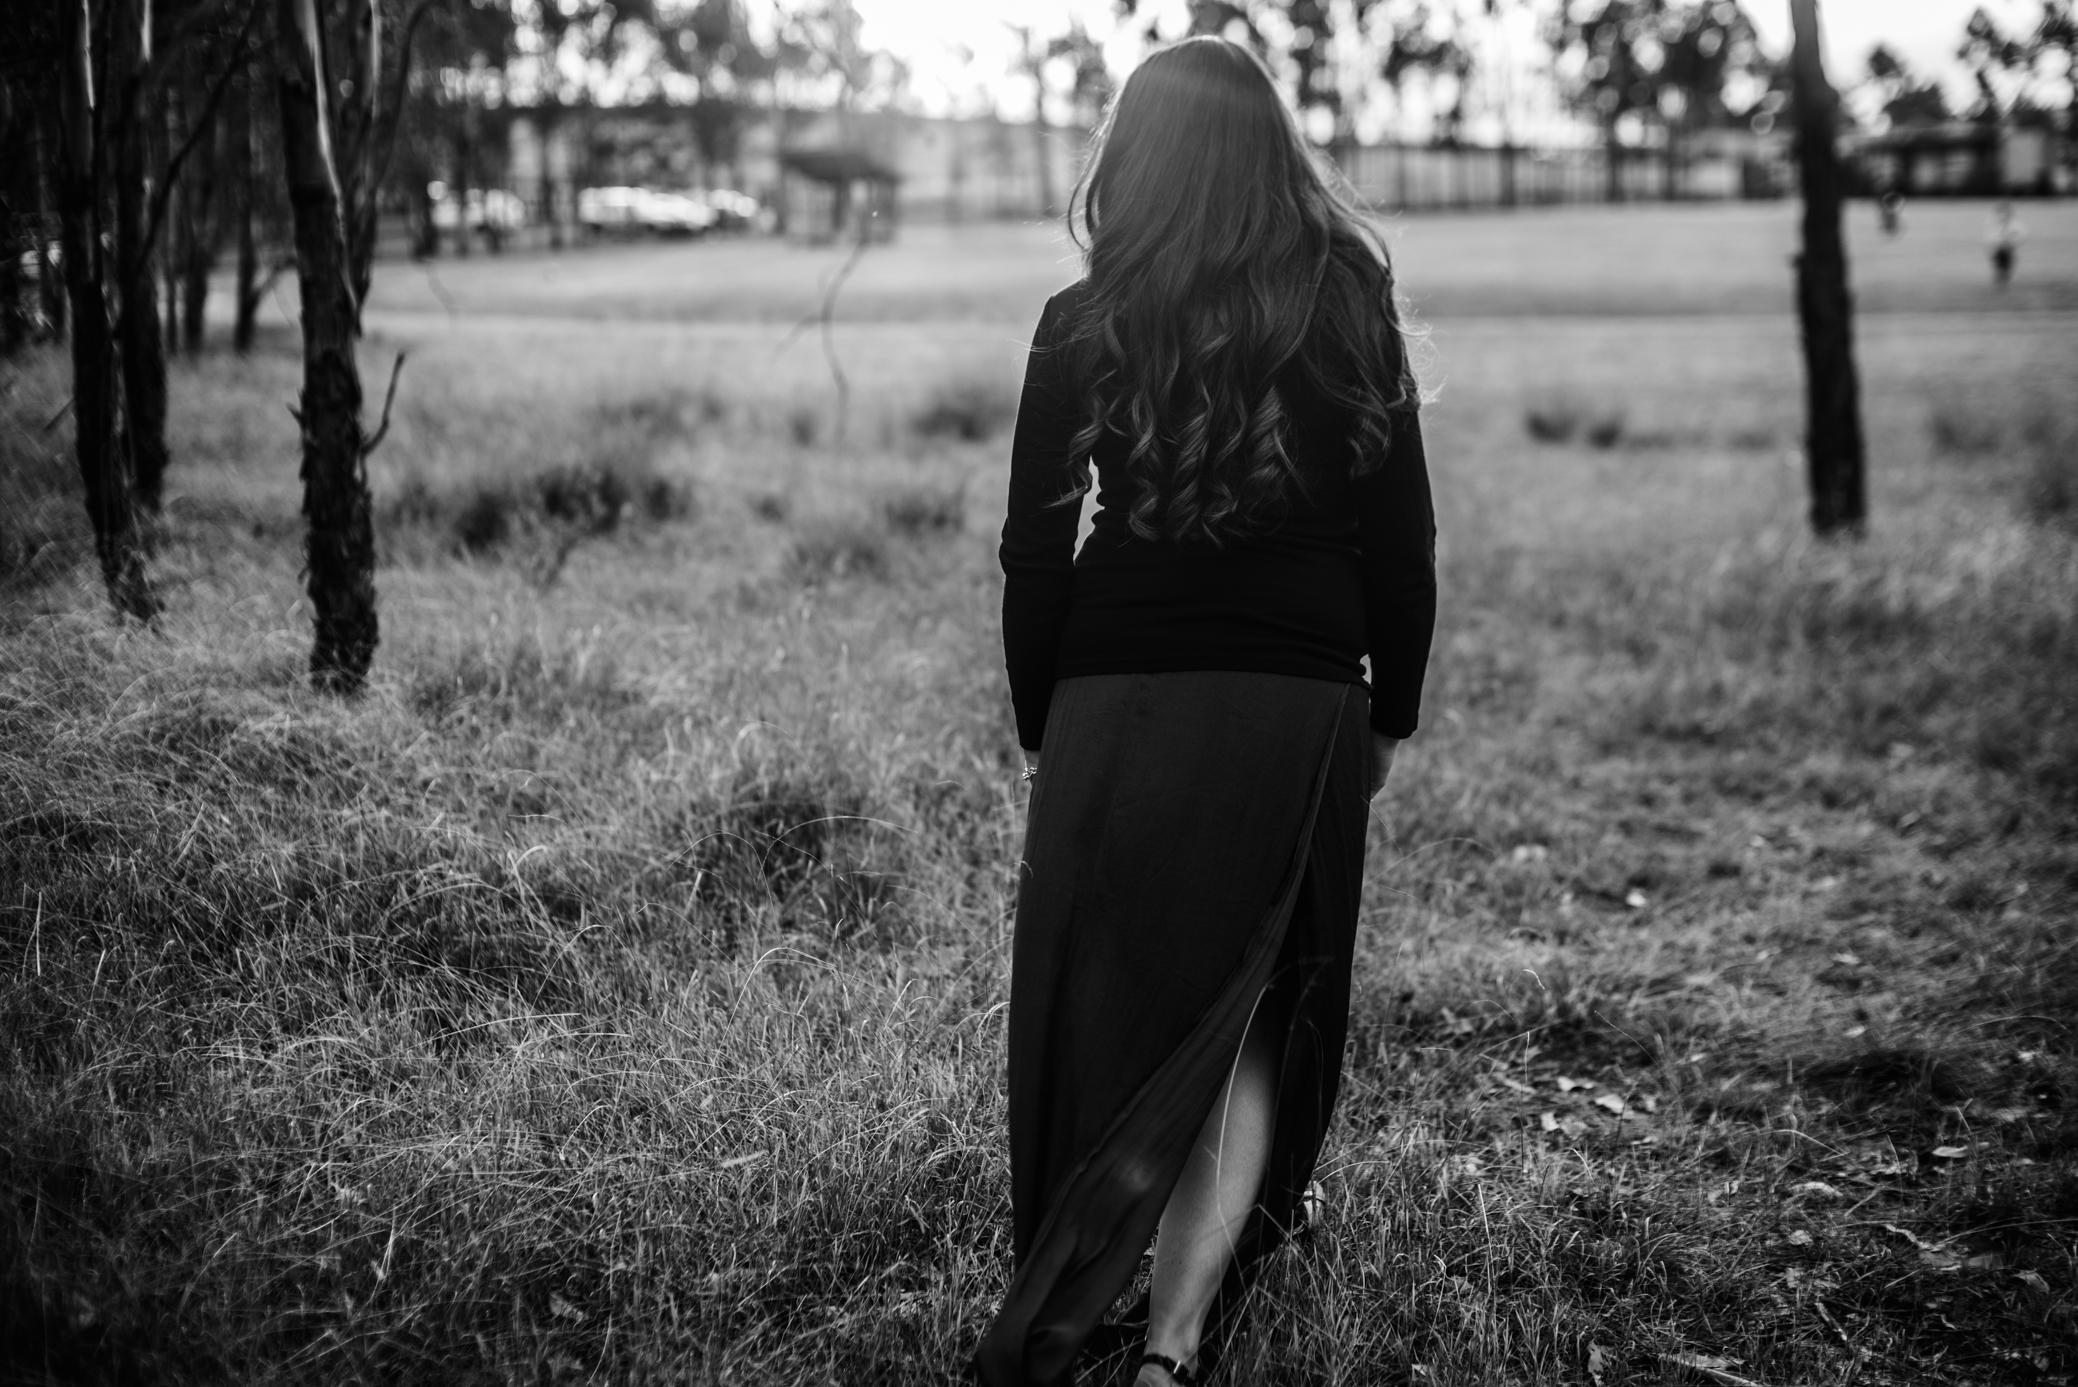 cindycavanagh-maternity-photos-in-sydney (25 of 37).JPG